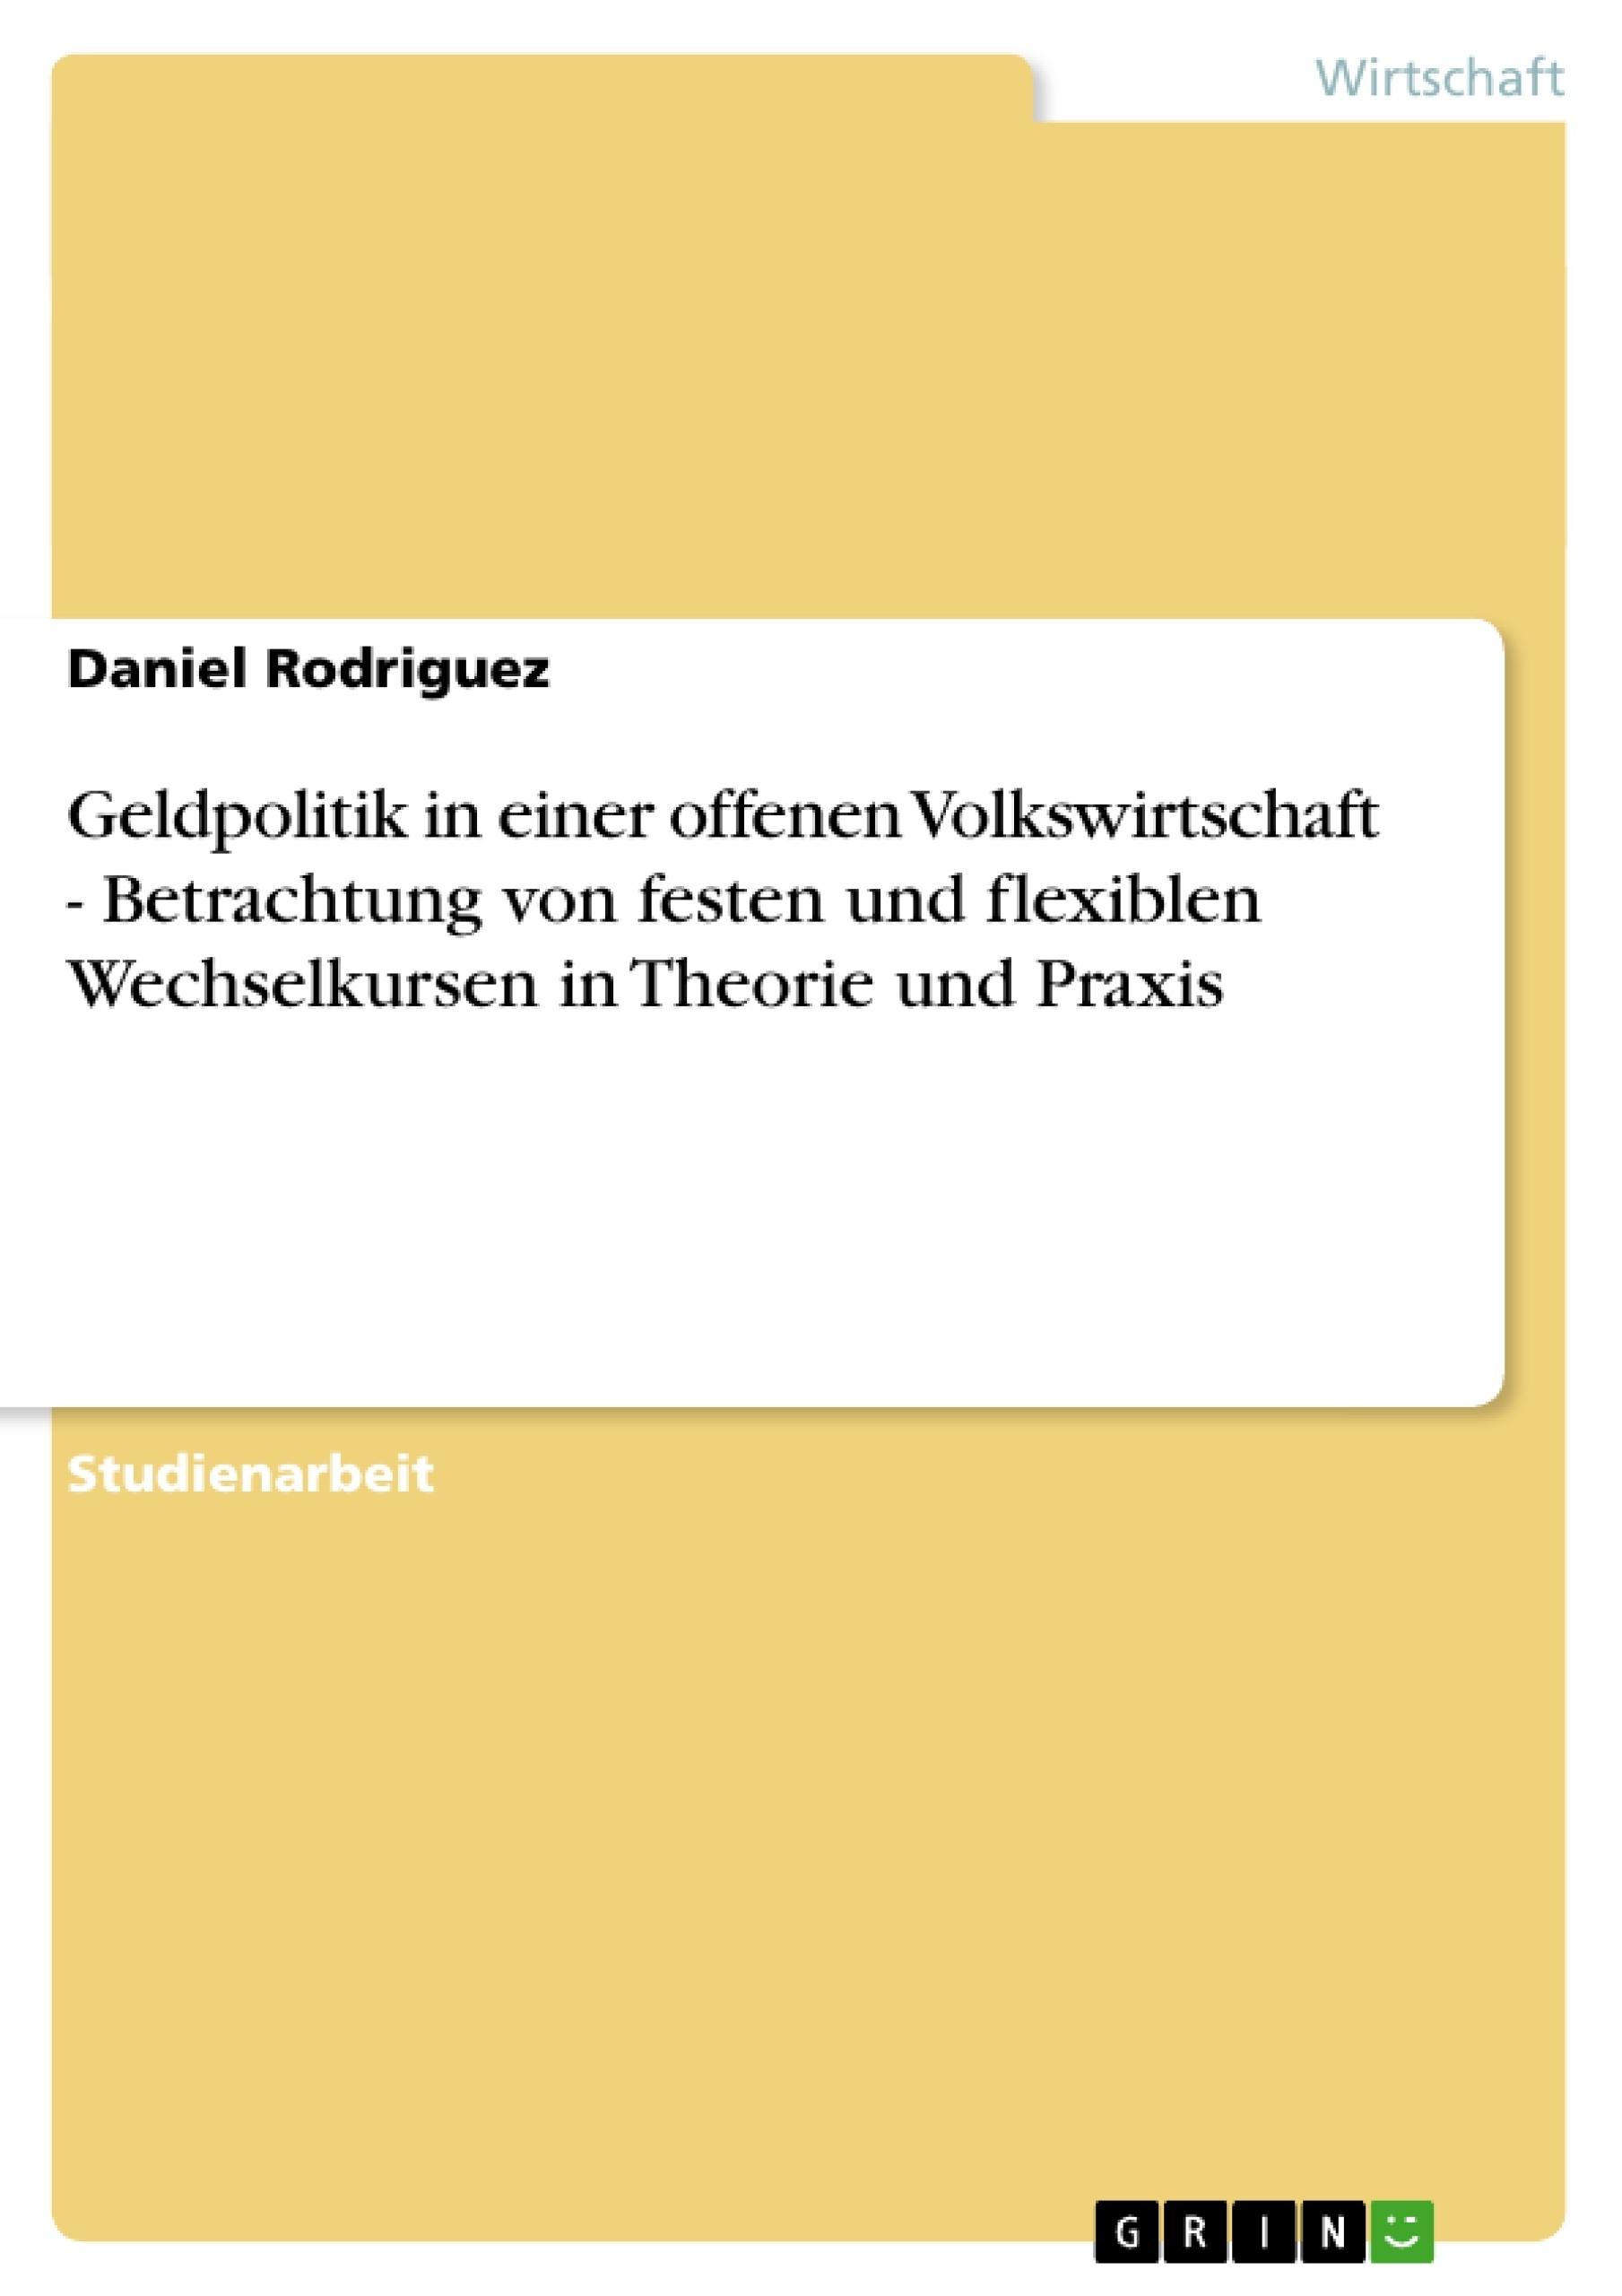 Titel: Geldpolitik in einer offenen Volkswirtschaft - Betrachtung von festen und flexiblen Wechselkursen in Theorie und Praxis